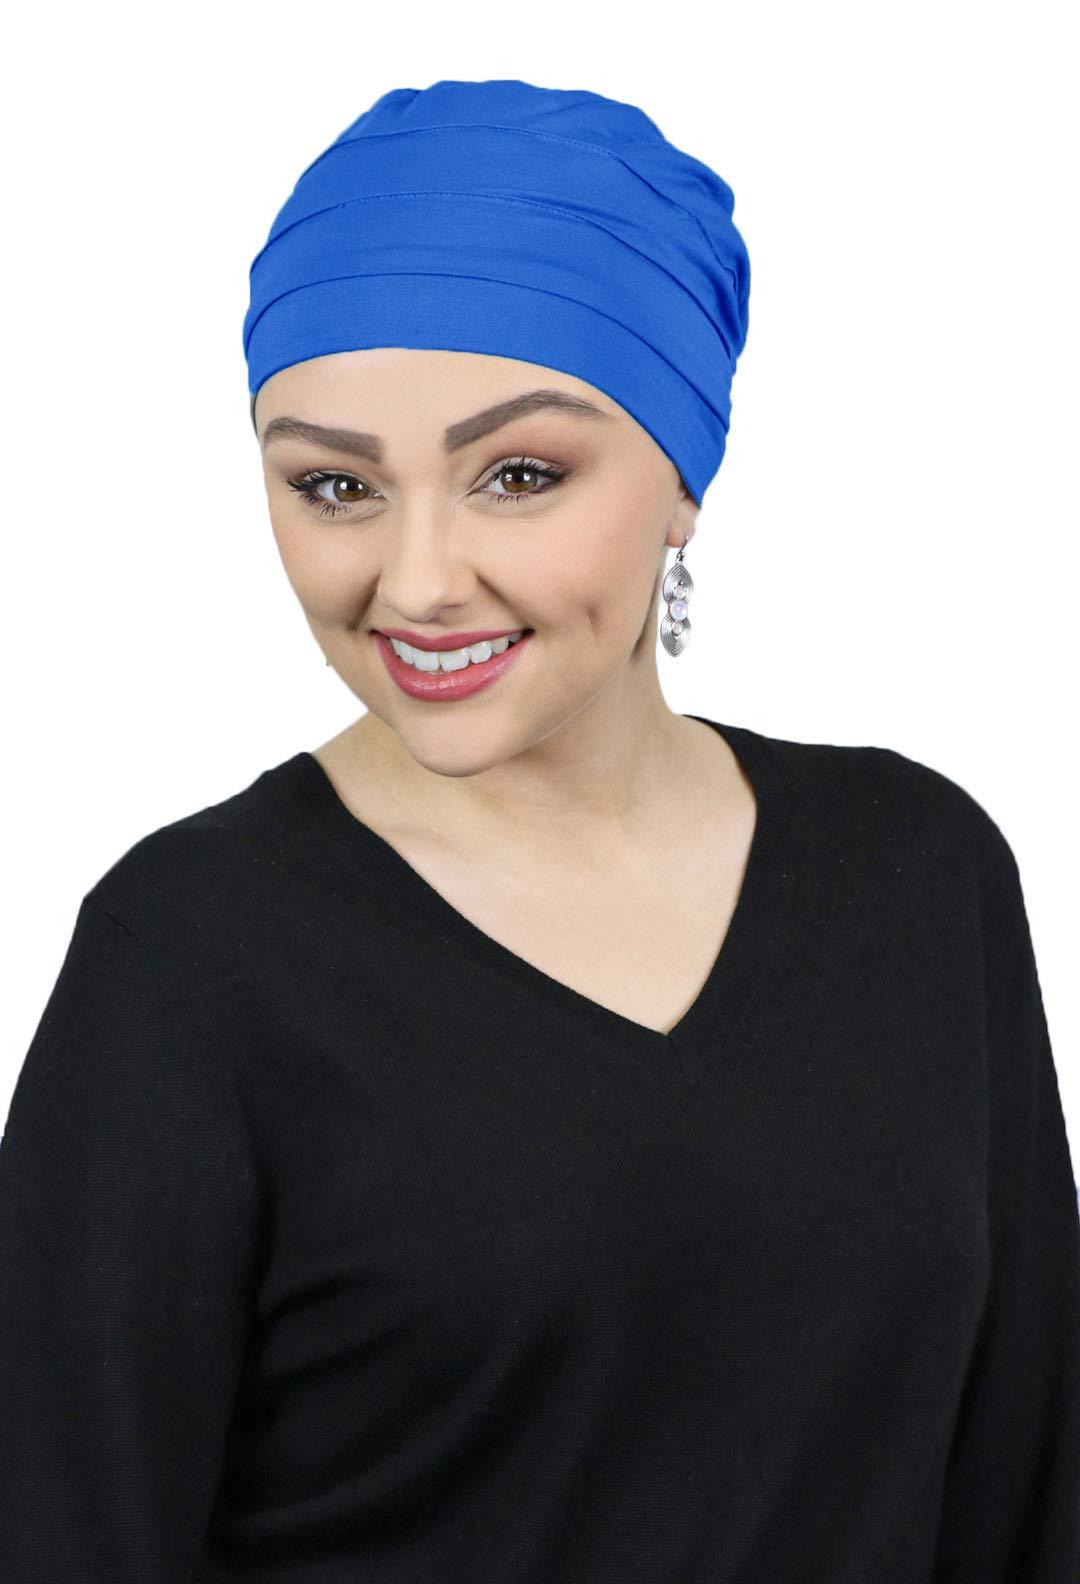 Cancer Headwear for Women Bamboo Beanie Chemo Hat Sleep Cap Head Coverings 3 Seam Turban (Royal Blue)